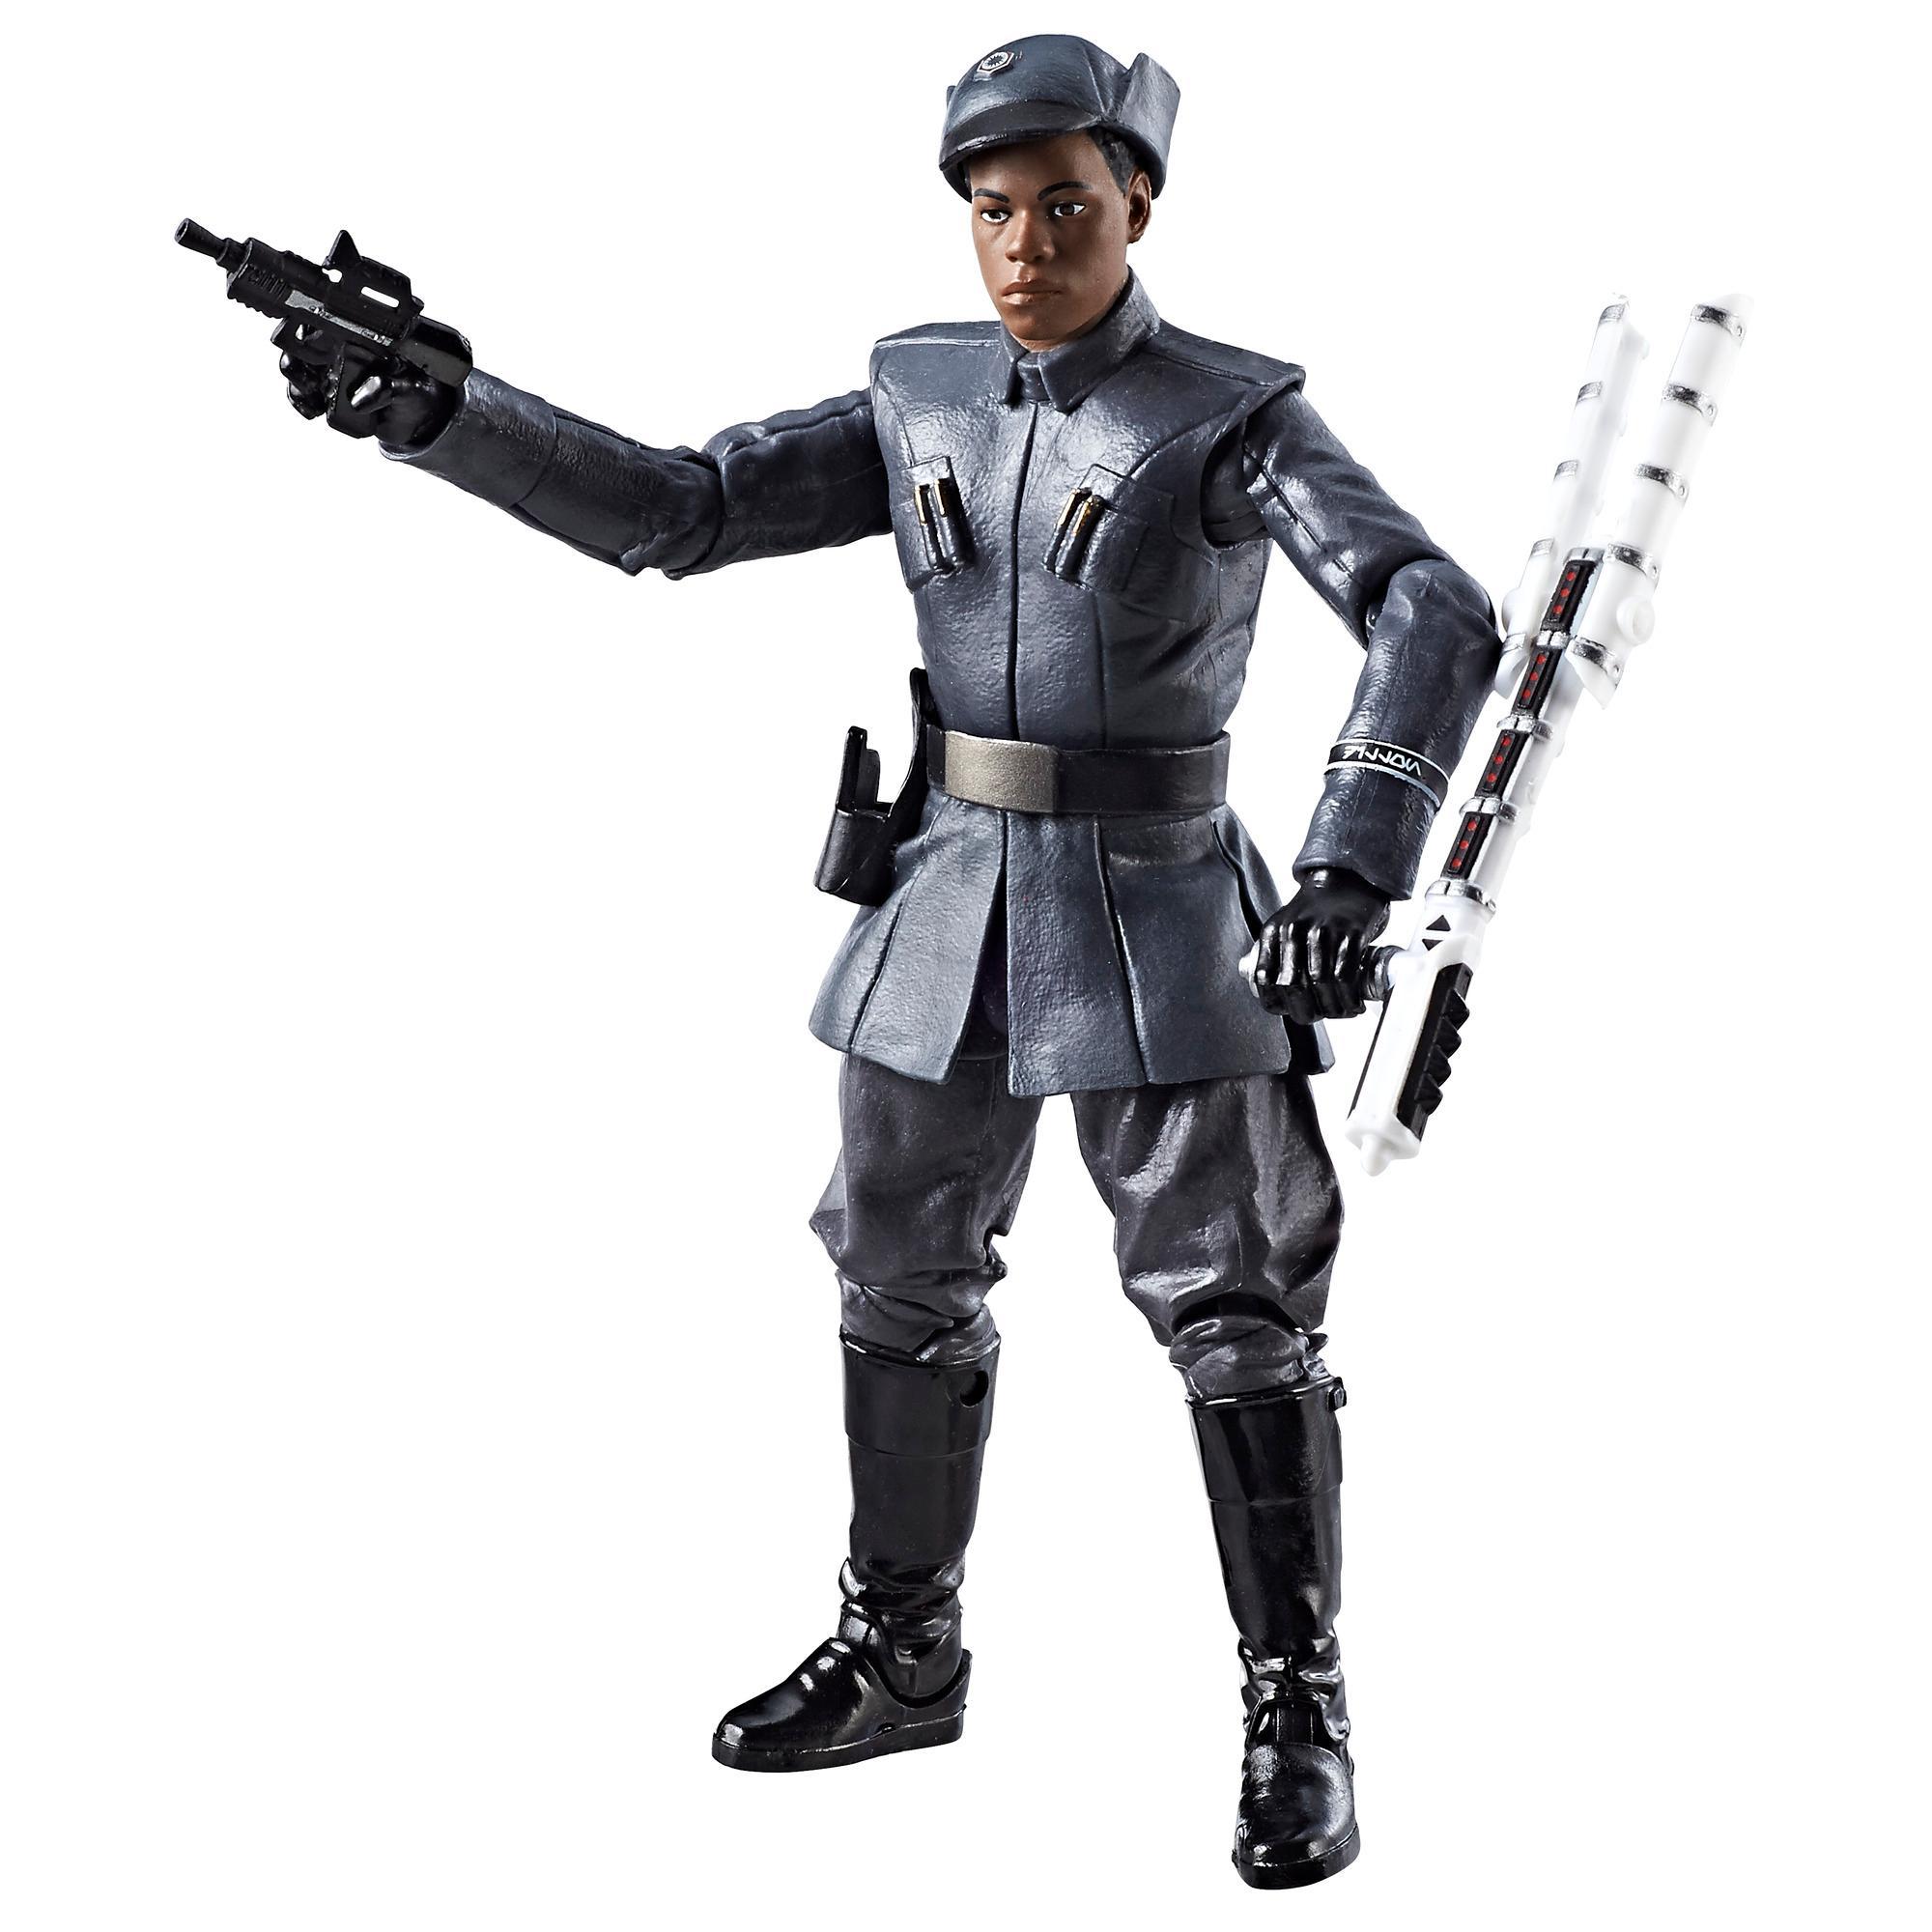 Star Wars The Black Series - Finn (Disfarce da Primeira Ordem)